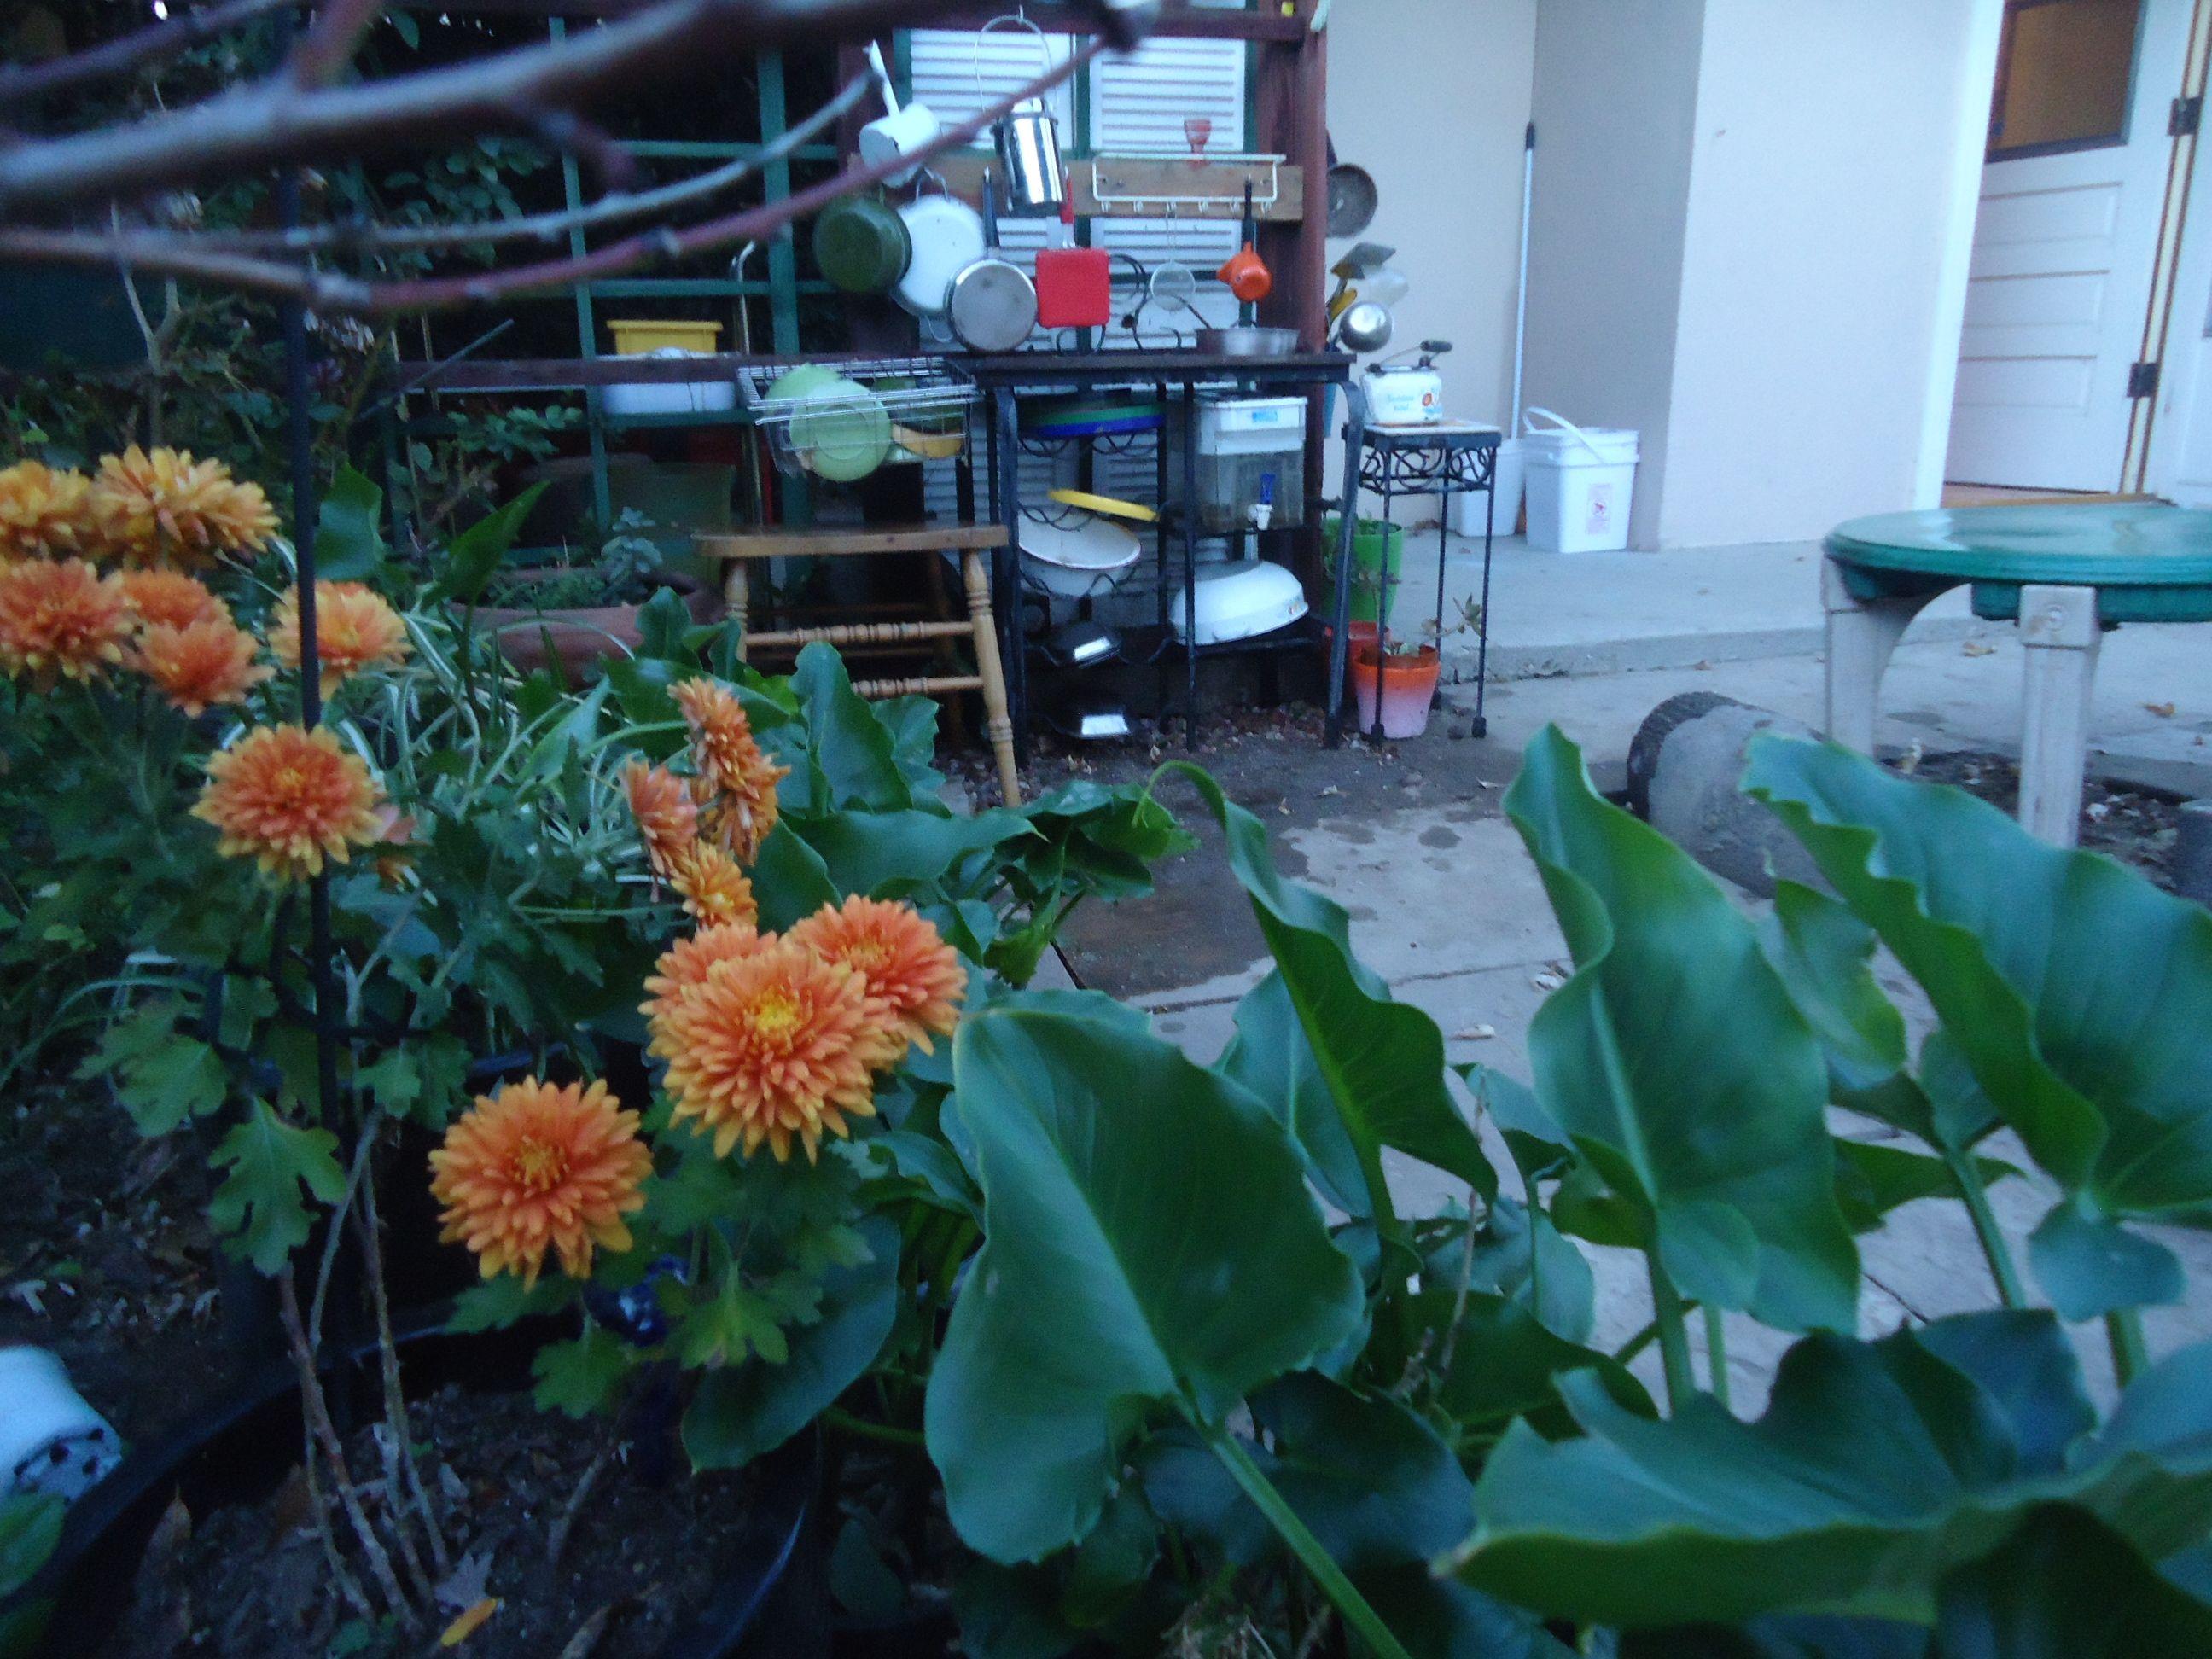 Mud kitchen outdoors. | Reggio inspired | Pinterest | Mud kitchen ...